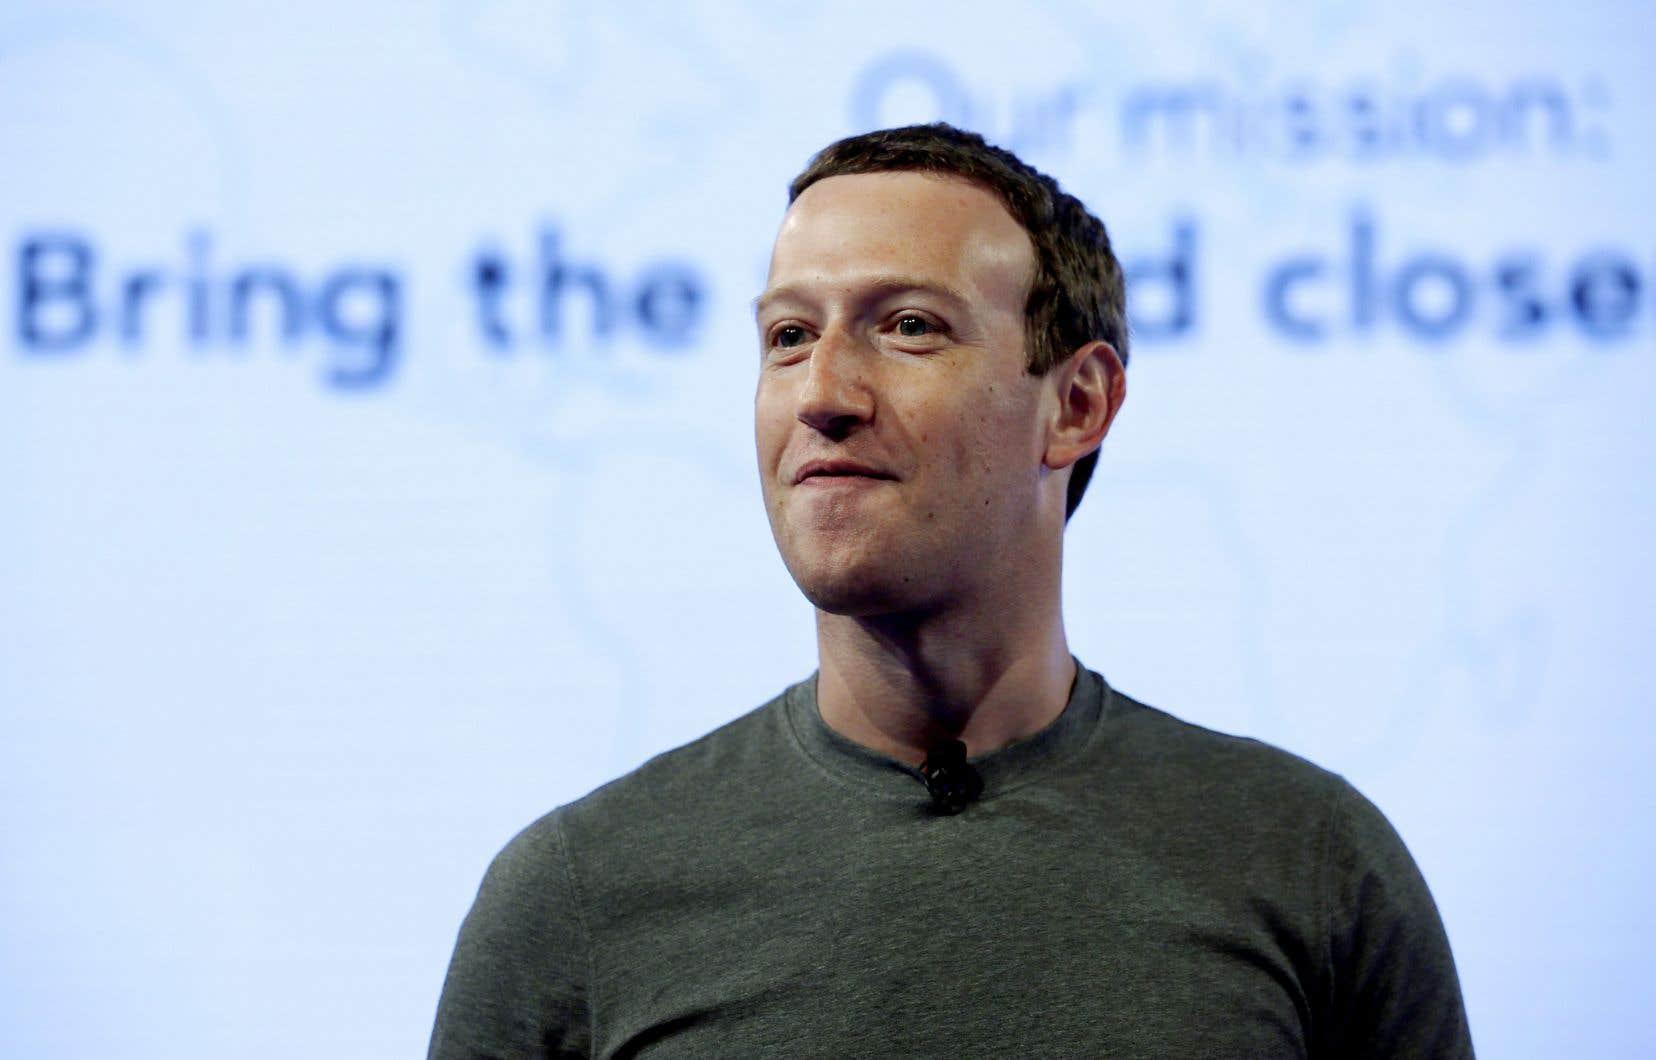 Mark Zuckerberg semble toujours vouloir nous présenter l'image innocente du «geek» de Harvard, dont la société Facebook n'est qu'une entreprise technologique dont on doit pardonner les excès et erreurs, déplore l'auteur.